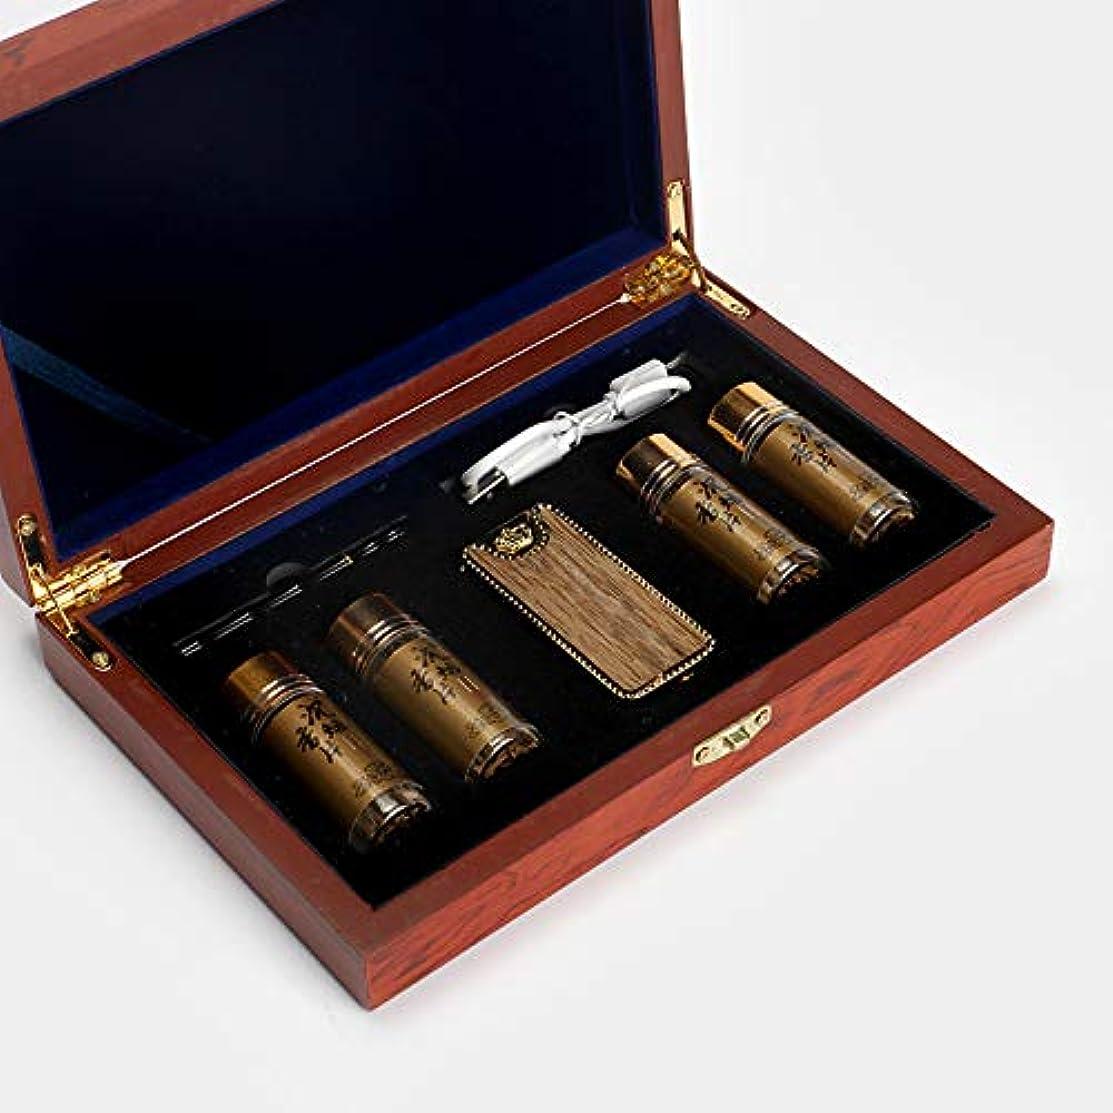 悪党排他的乗り出すDiatems - 五郎クラフトベトナムニャチャンシェンタバコの煙を挿入ギフトボックスShenxiang錠4本のボトル包装